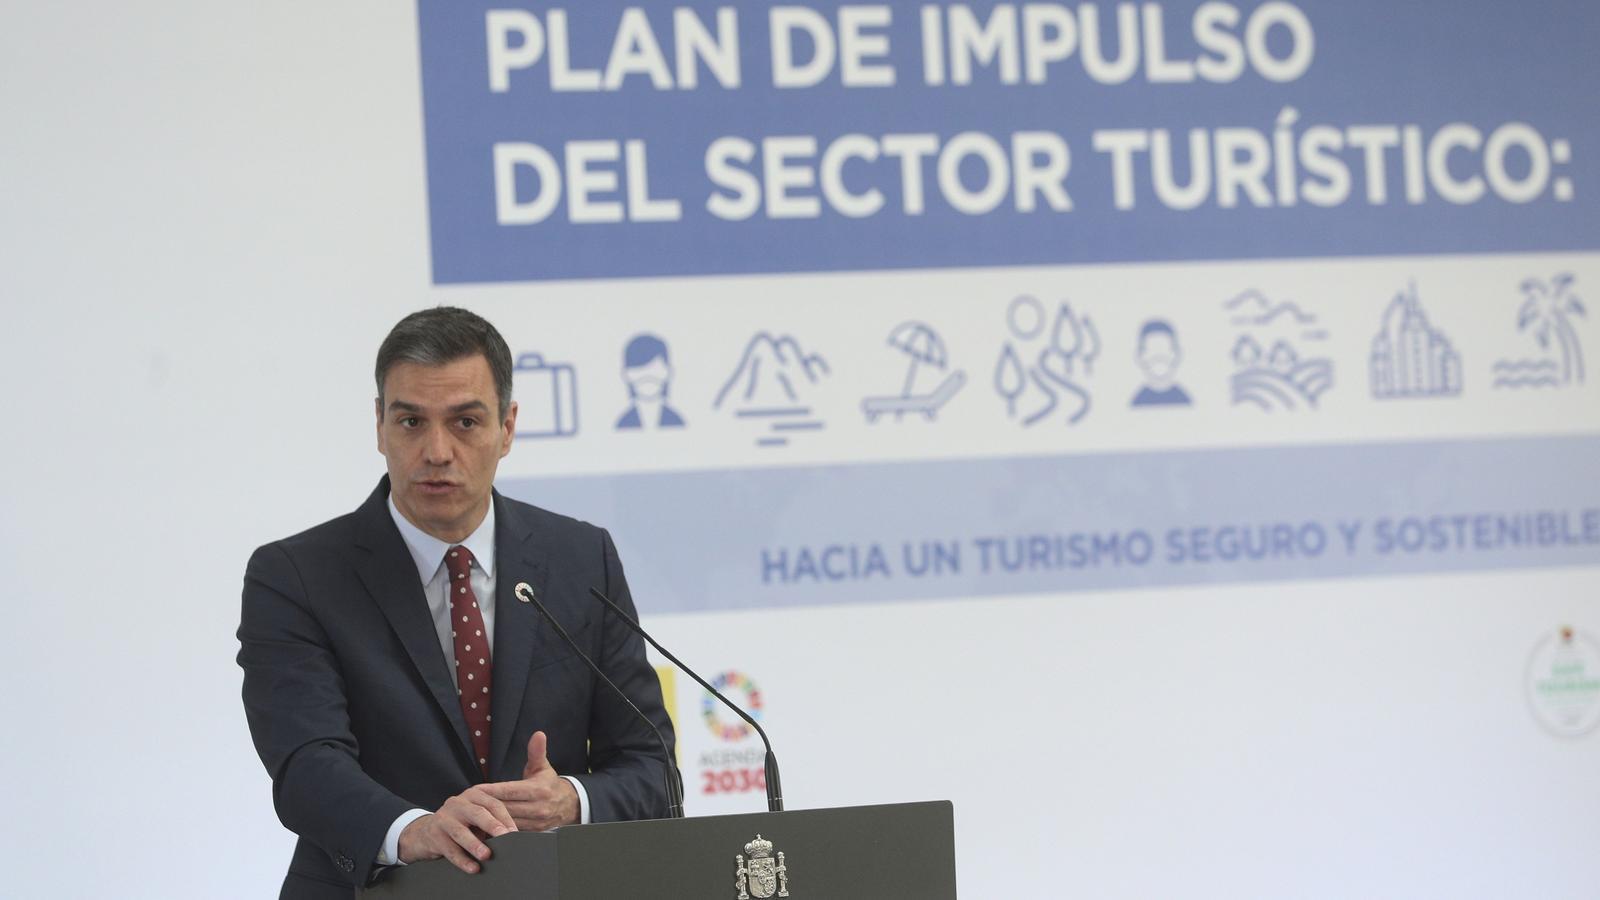 L'Estat impulsa un pla de 4.262 M€ perquè el sector turístic es recuperi del covid-19